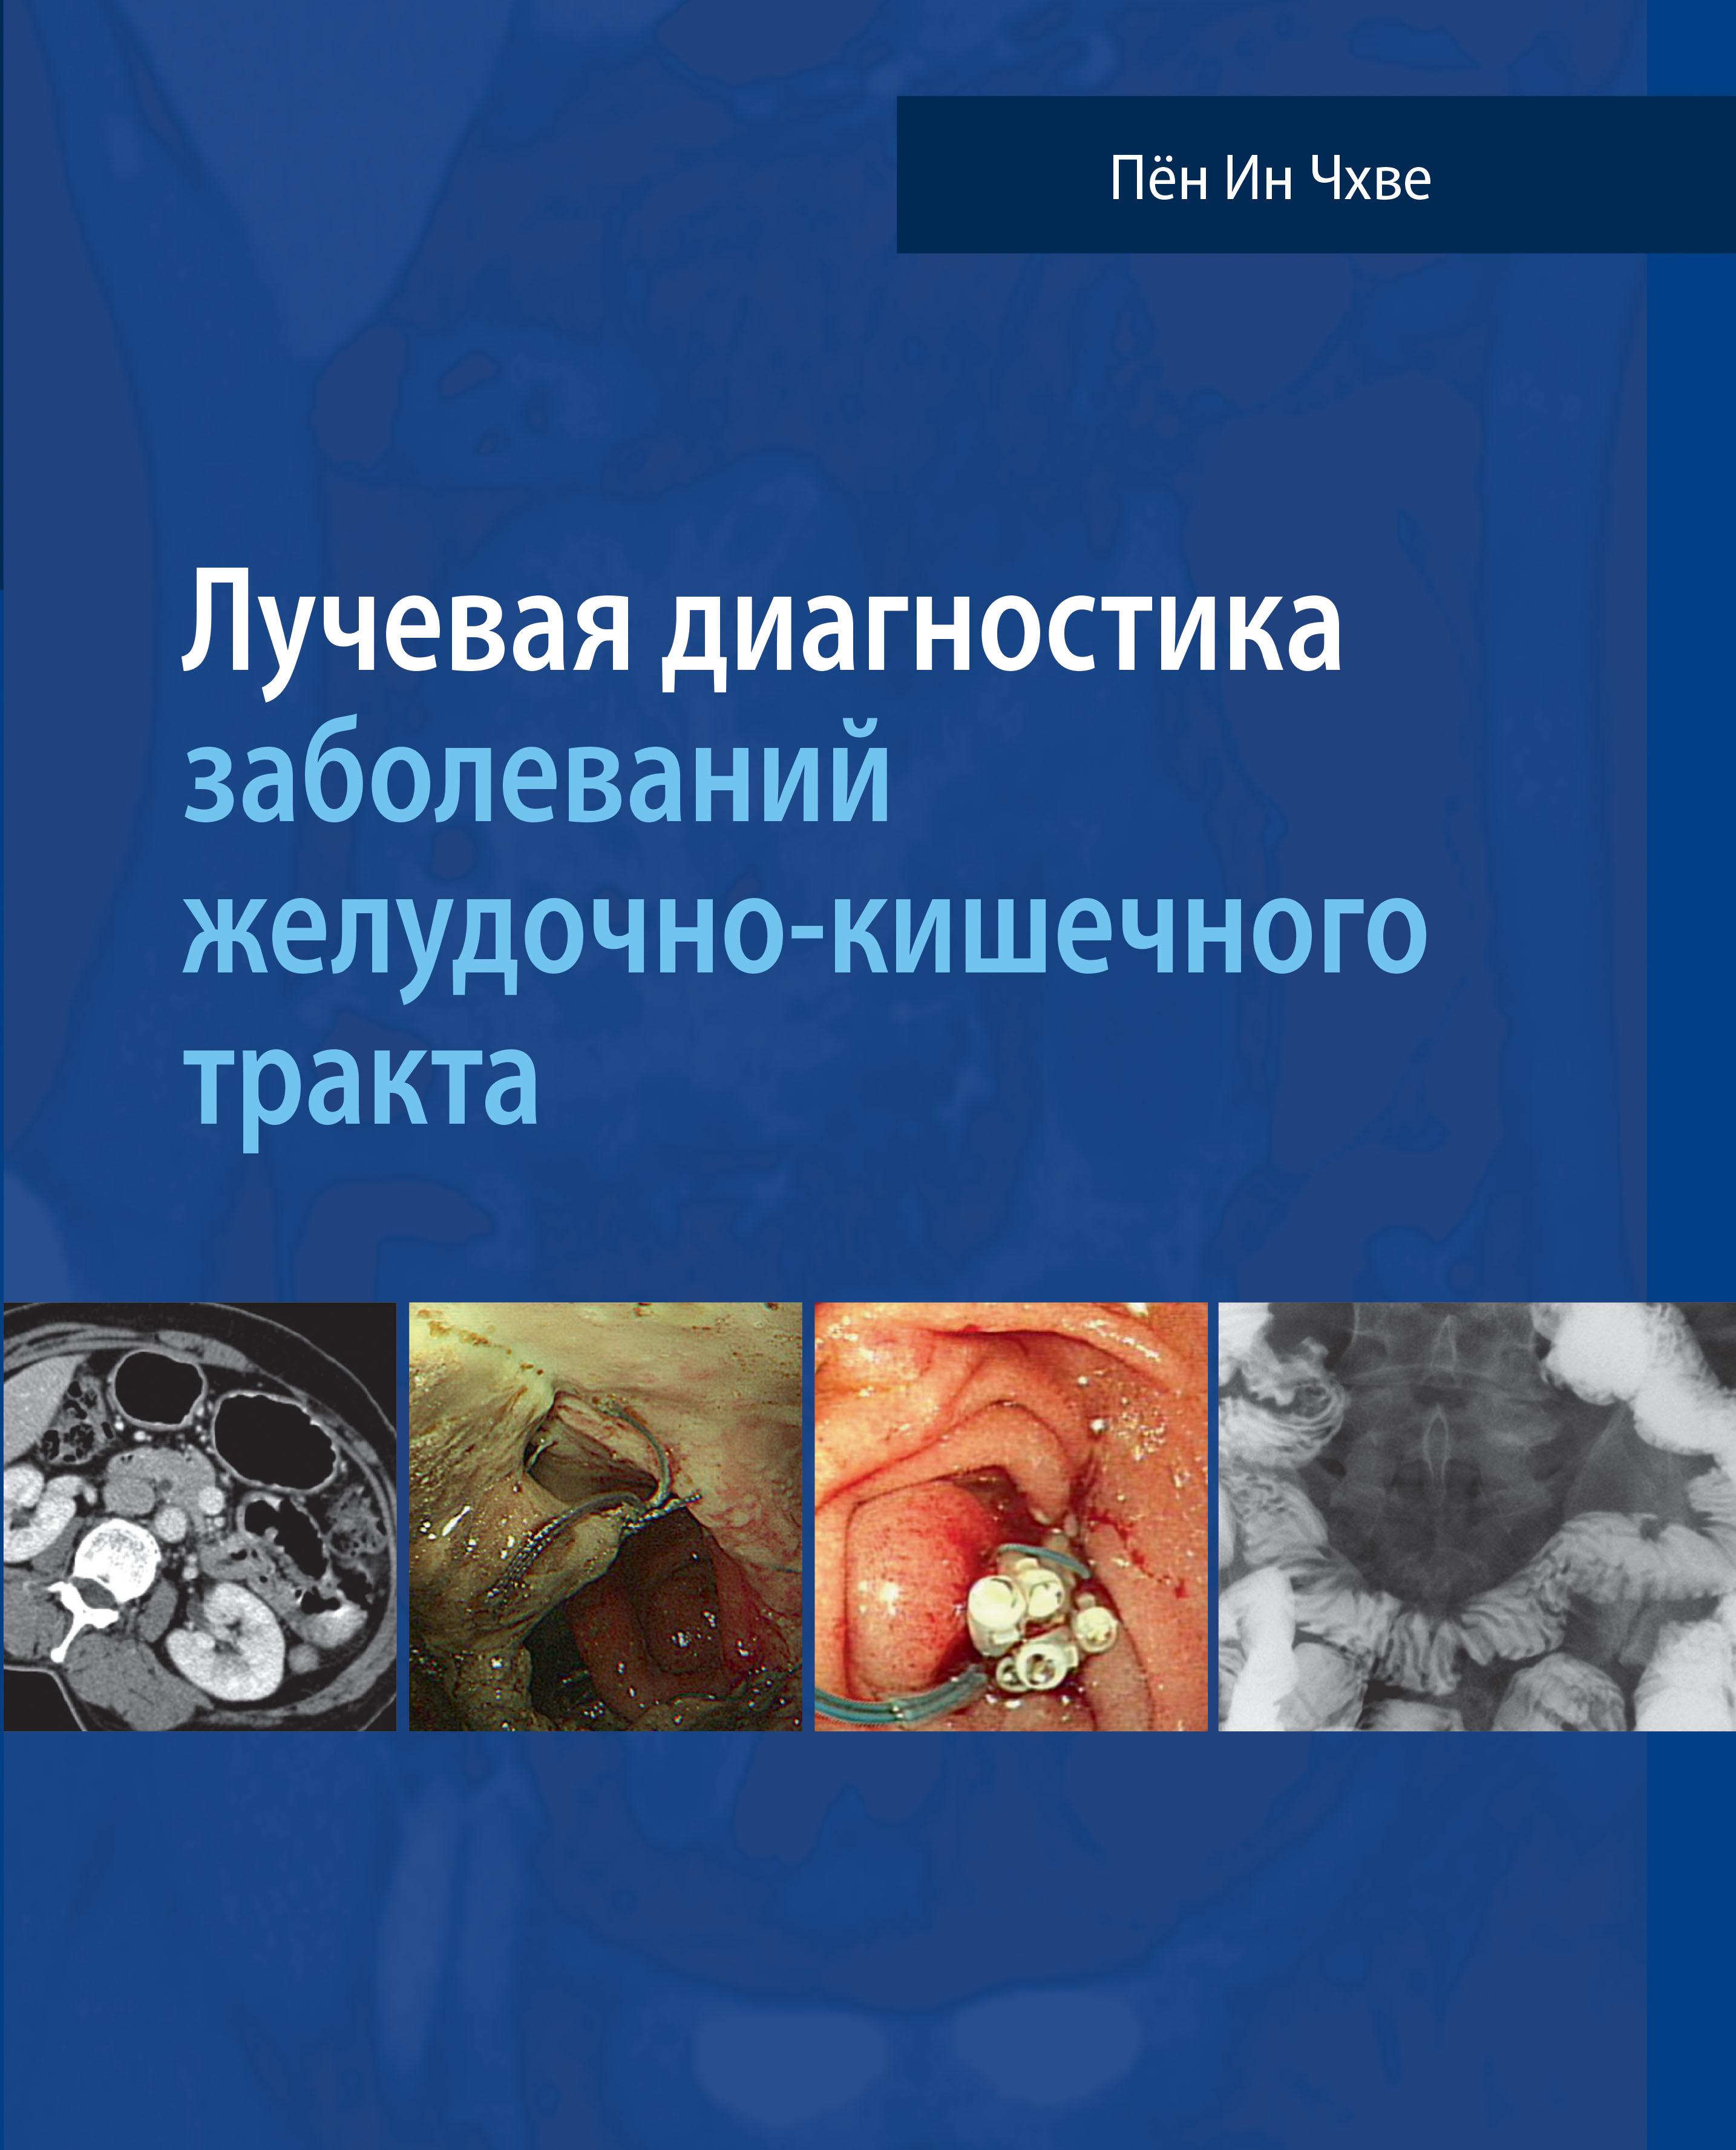 Чхве Пён Ин Лучевая диагностика заболеваний желудочно-кишечного тракта пён ин чхве лучевая диагностика заболеваний желудочно кишечного тракта isbn 978 5 91839 095 5